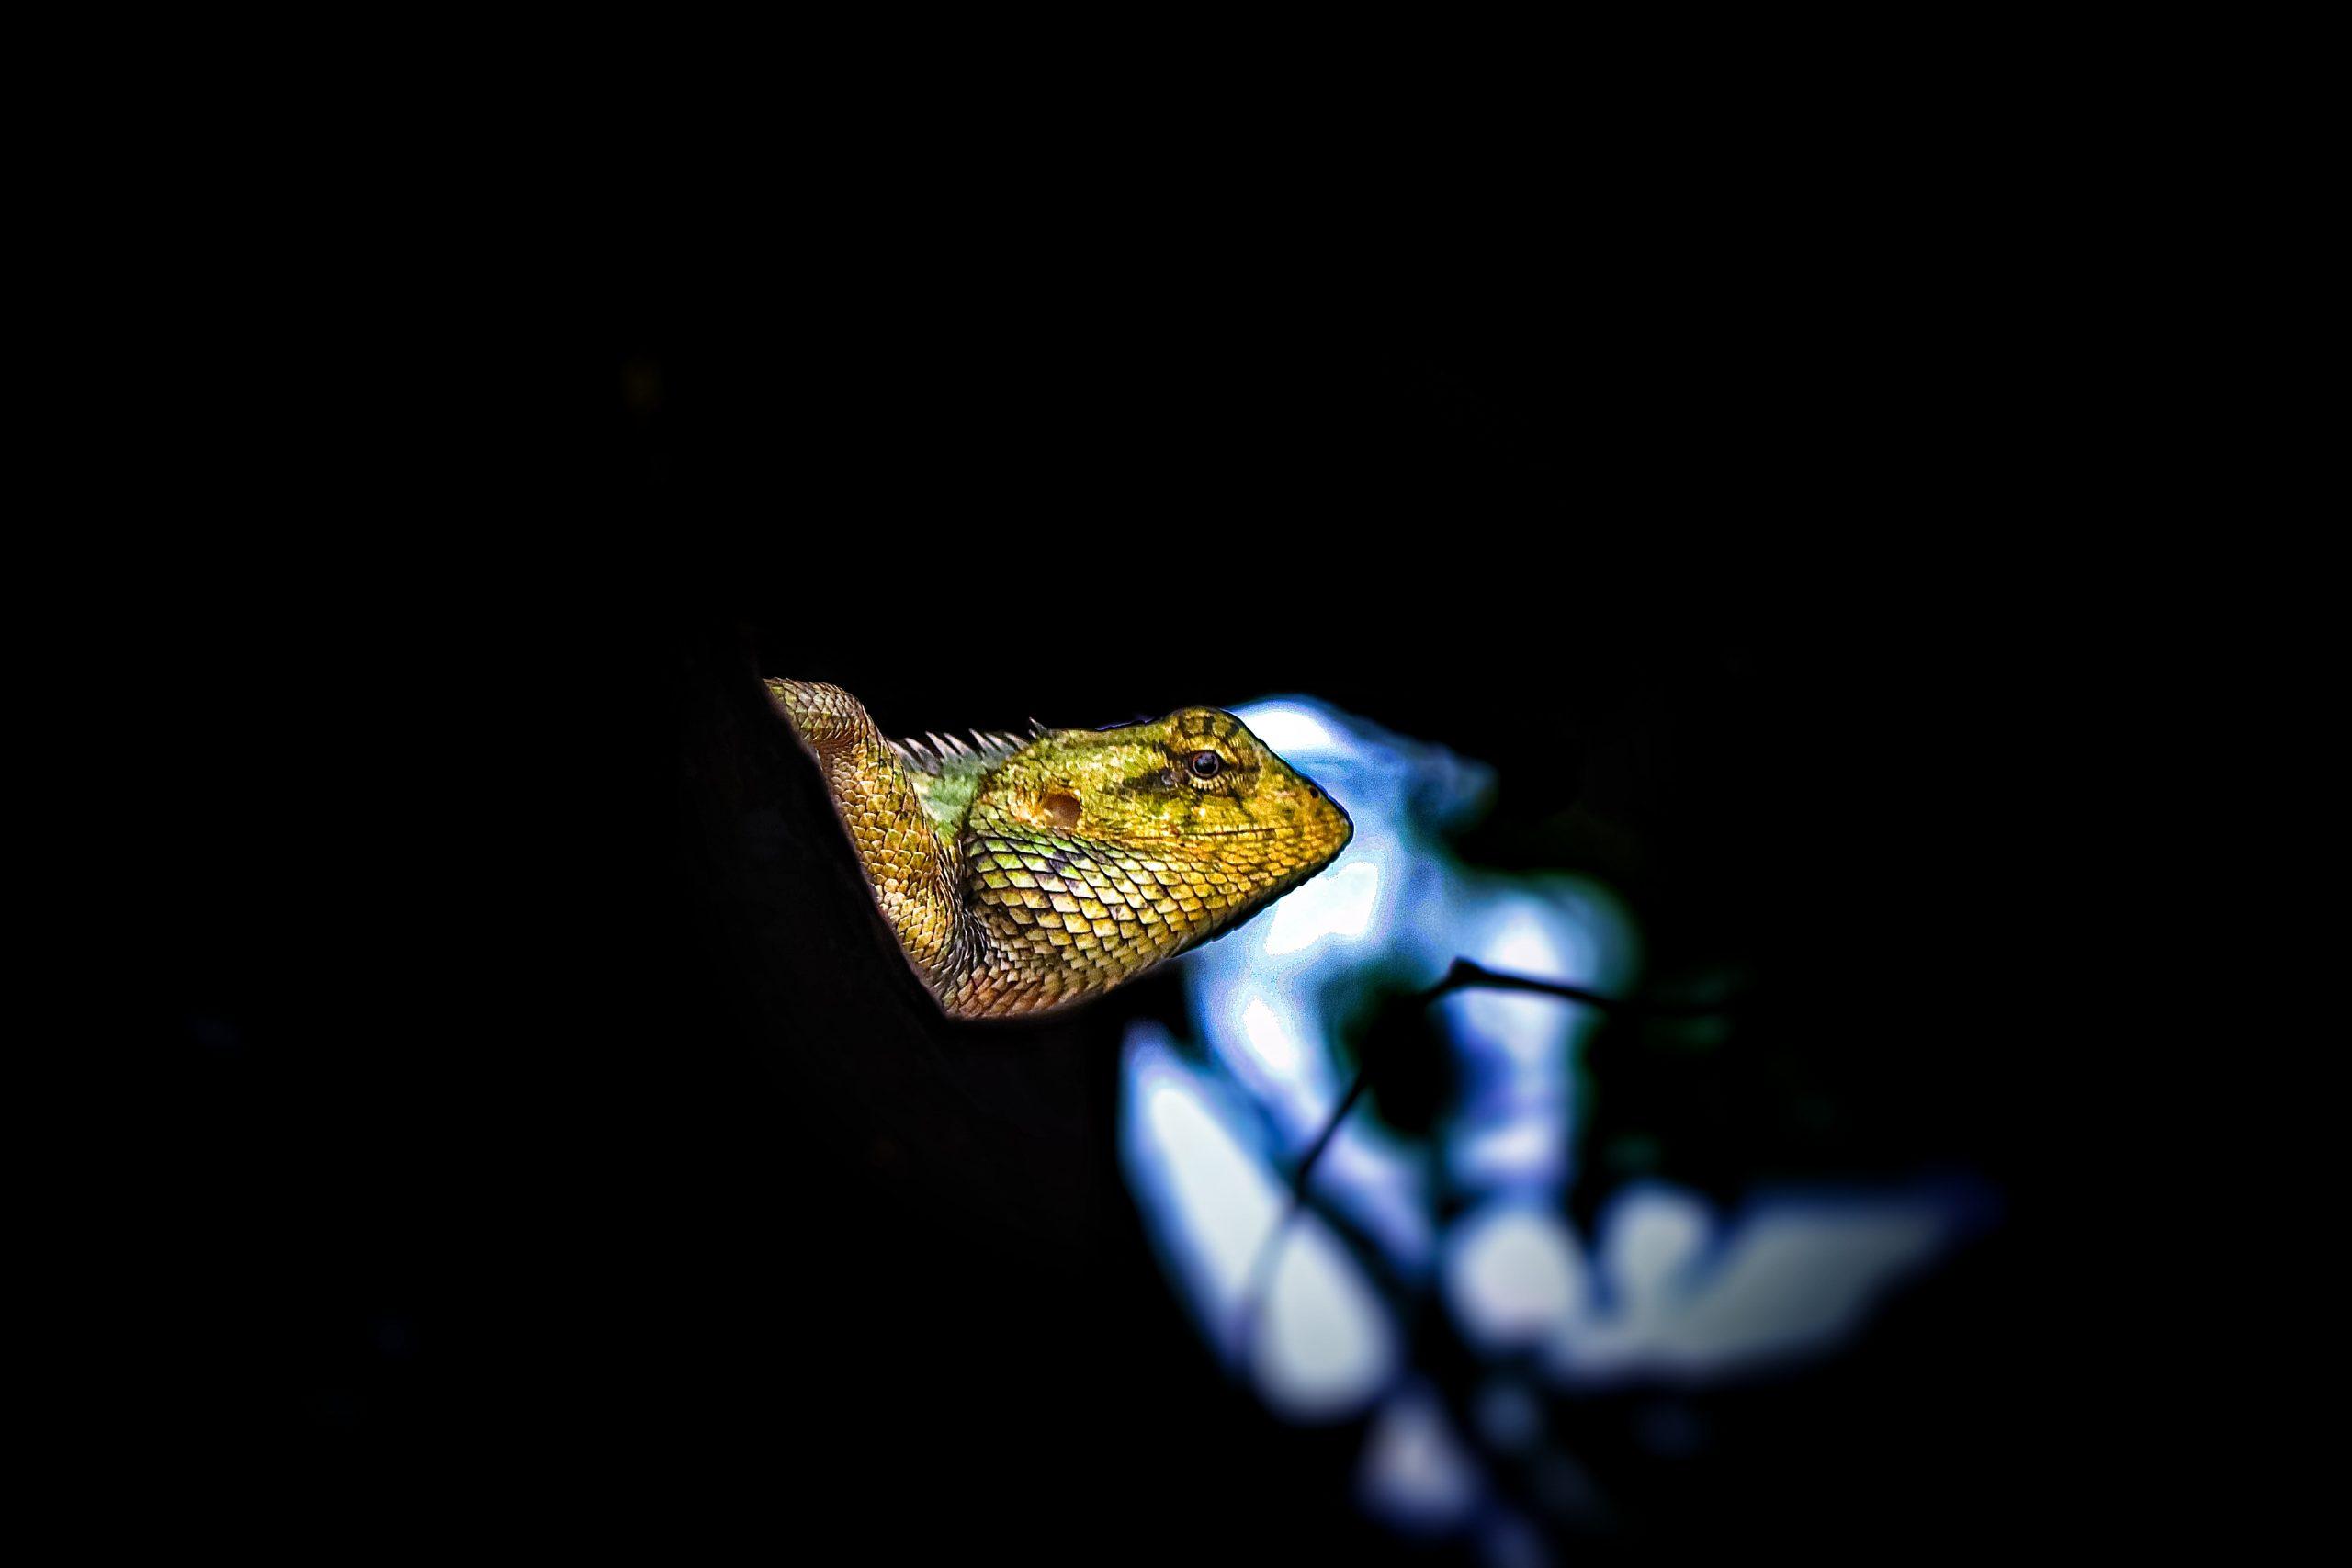 Garden lizard is sitting on the branch of tree, dark background.